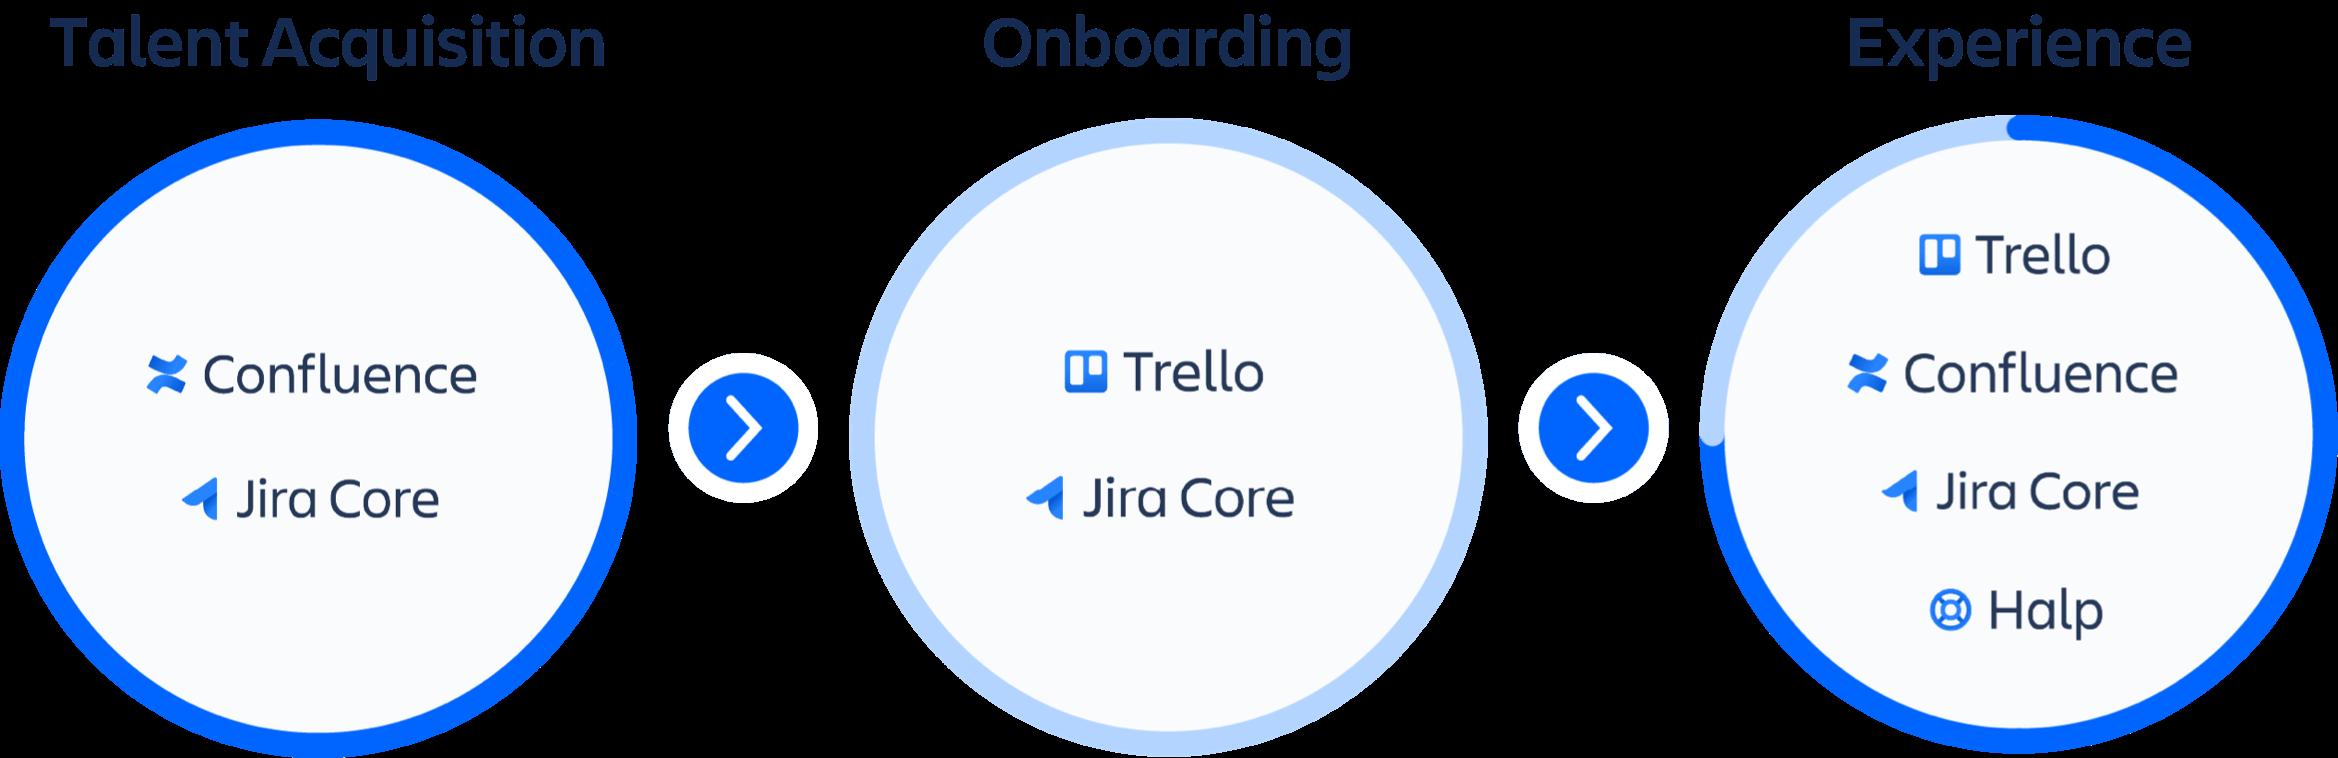 Grafik mit den Produkten für den Bewerbungsprozess (Confluence und Jira Core) und Produkten für das Onboarding (Trello und Jira Core)